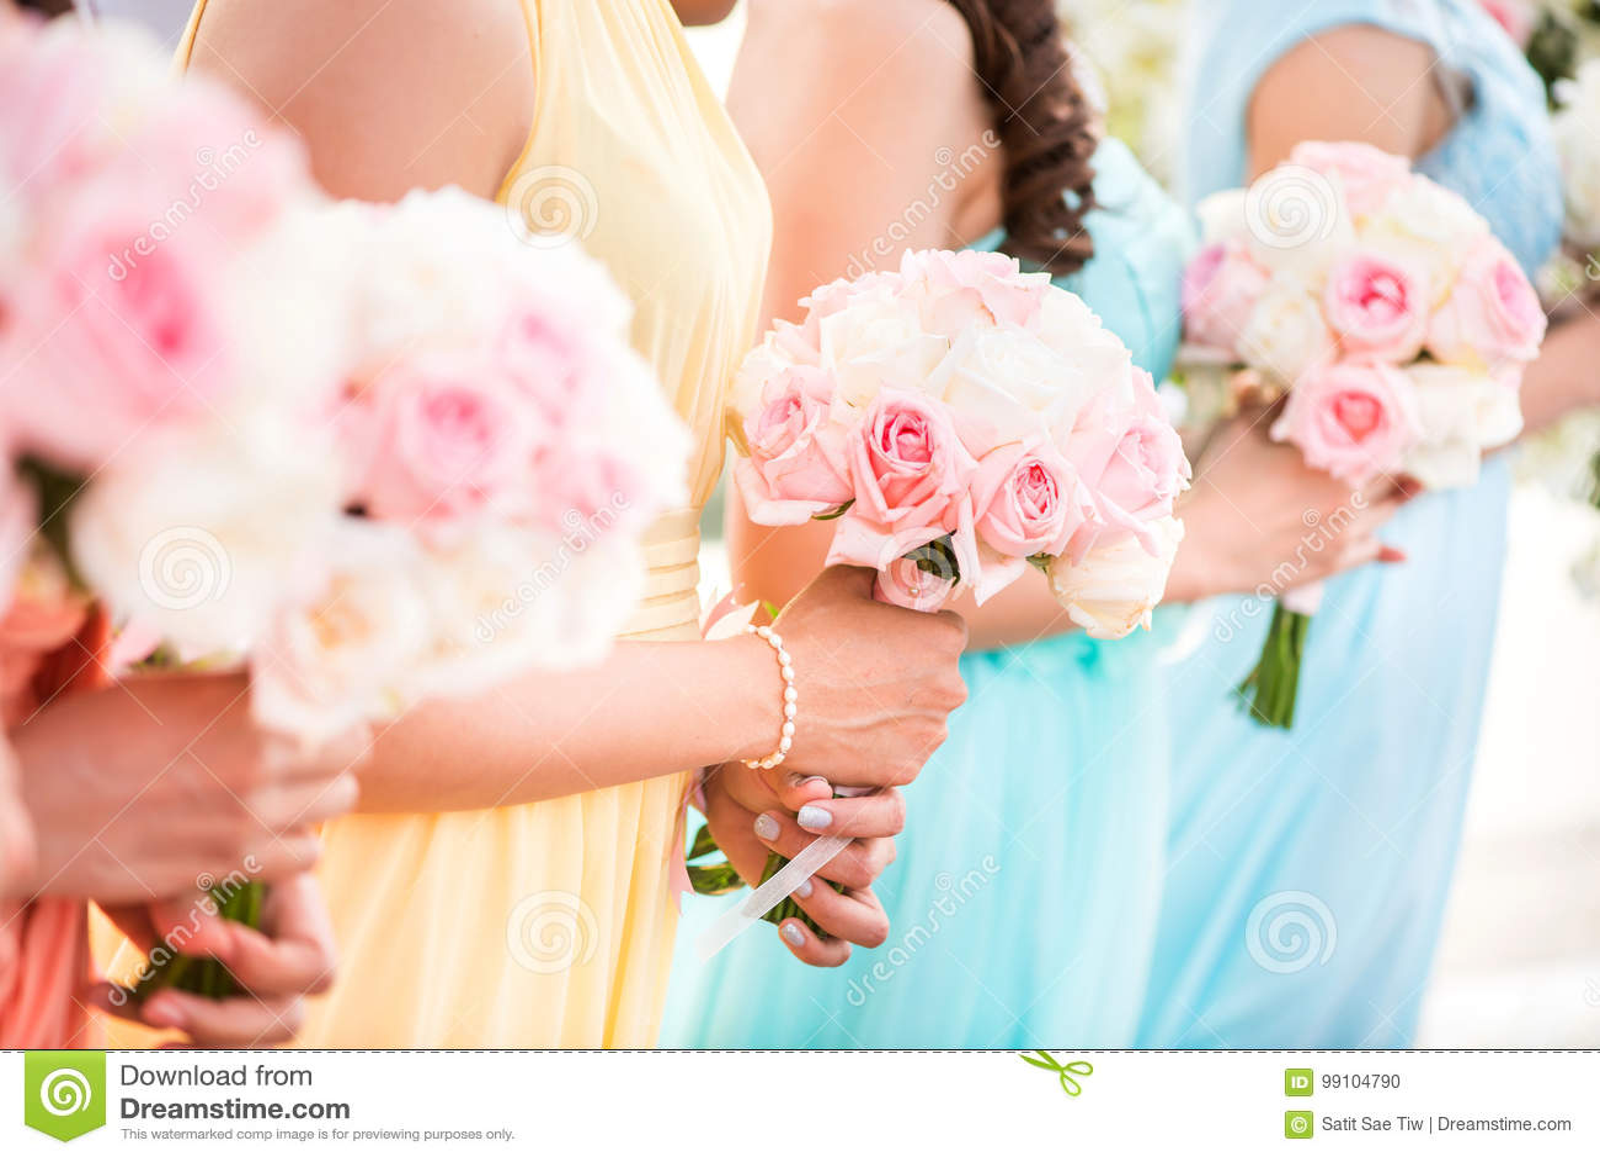 Demoiselle d honneur tenant un bouquet des roses au mariage